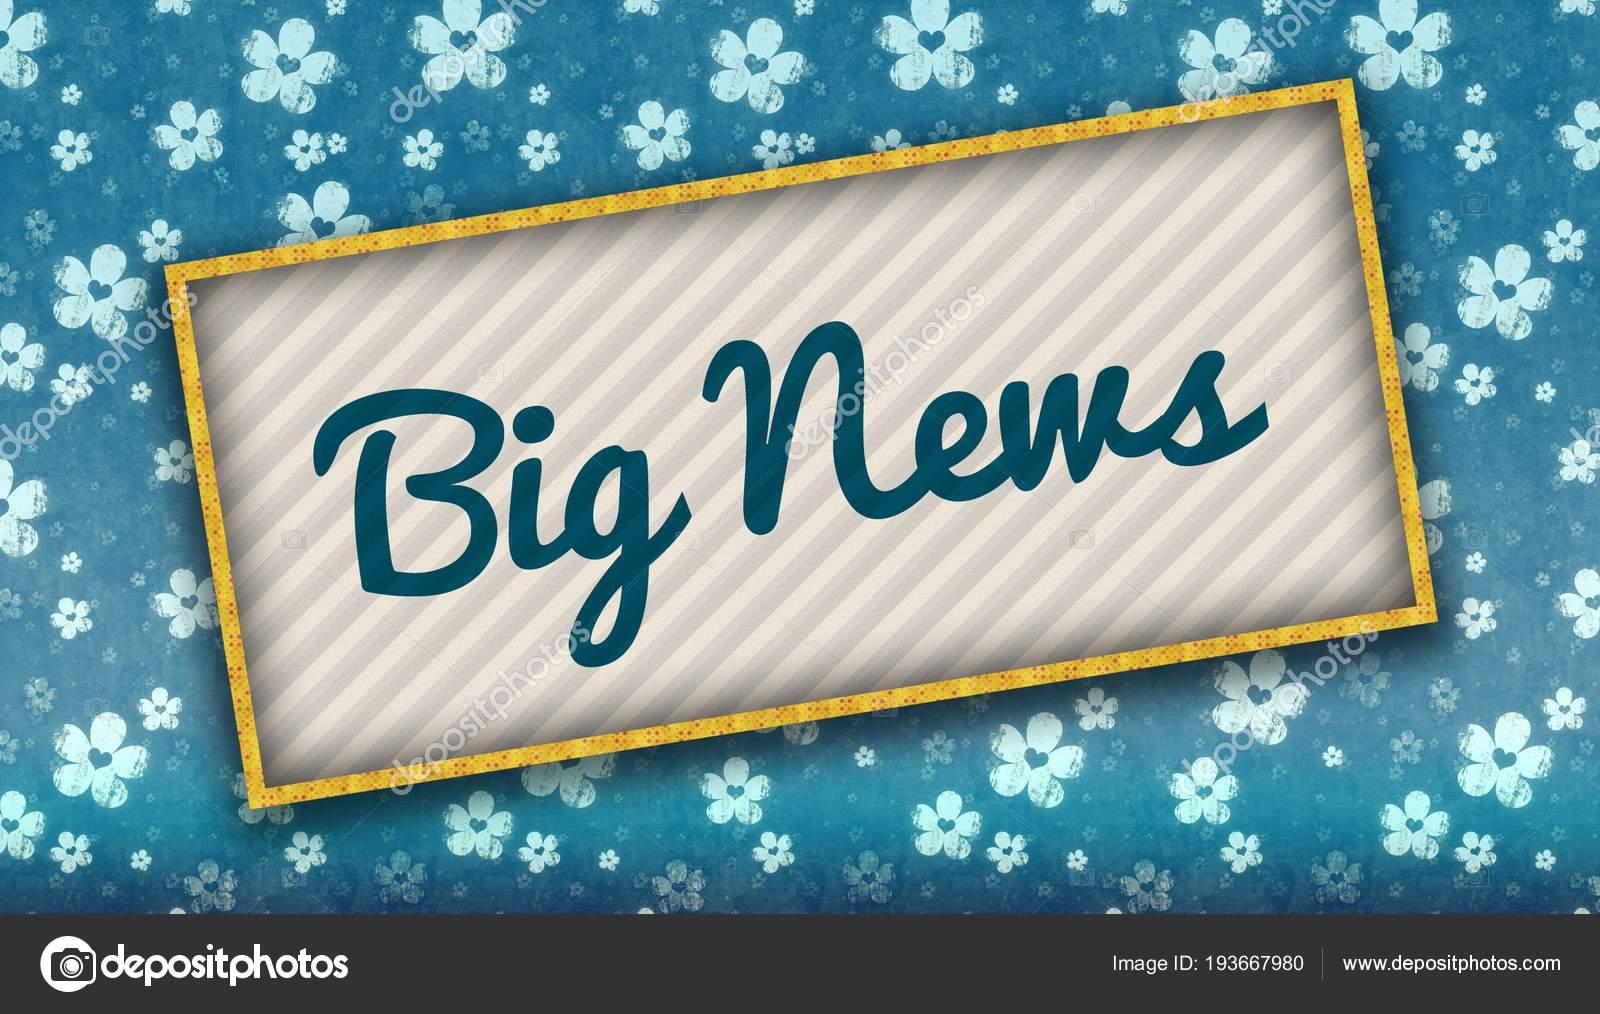 花と青い壁紙にビッグ ニュース メッセージと絵画 ストック写真 C Ionutparvu